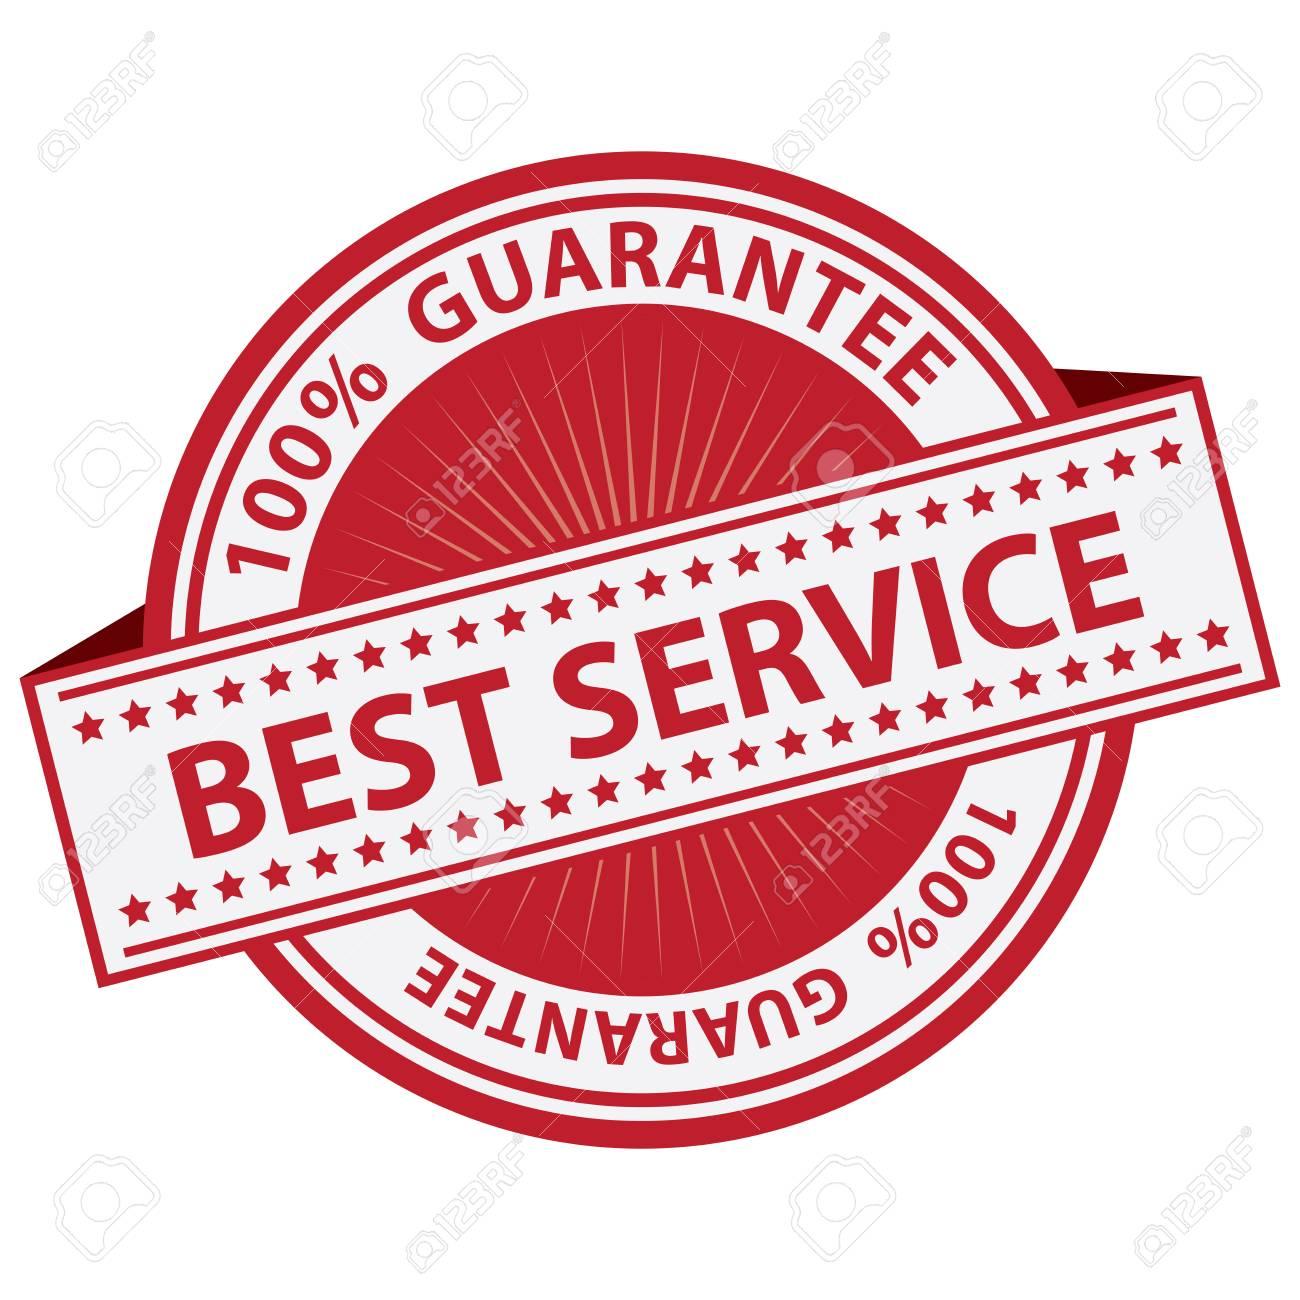 Gestion De La Qualité Des Systèmes, L'assurance Qualité Et De Contrôle De  Qualité Concept Présent Par Red Label Meilleur Service Avec 100 Pour Cent  Garantie ...